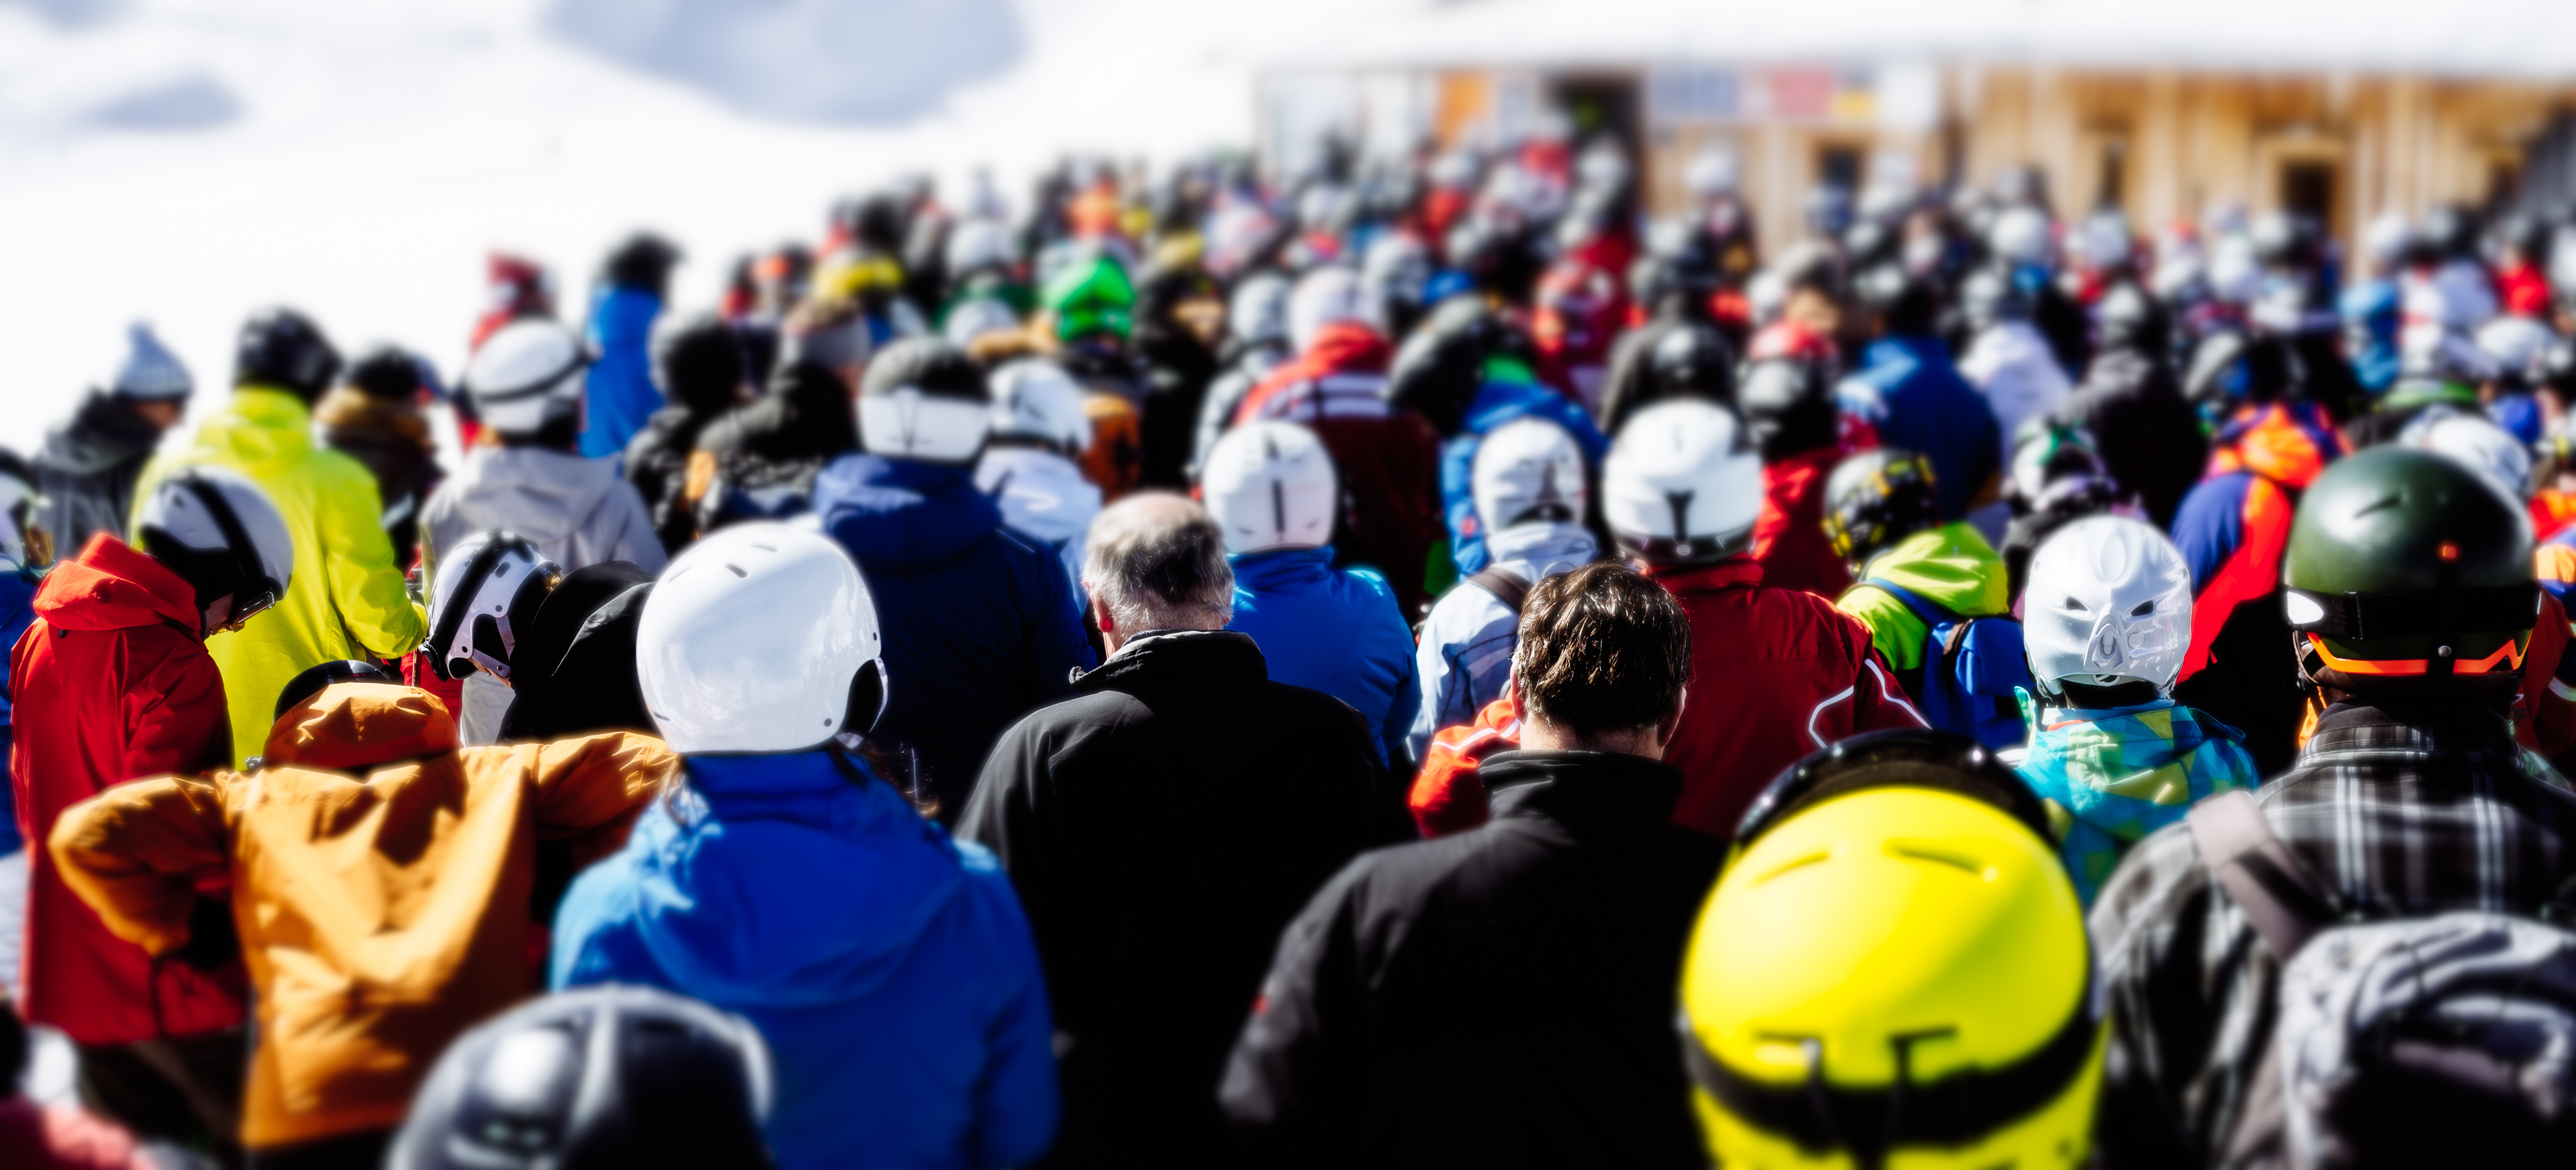 スノーボードの大会の賞金額ってどのくらい?平野歩夢選手の参加大会数や賞金額は?